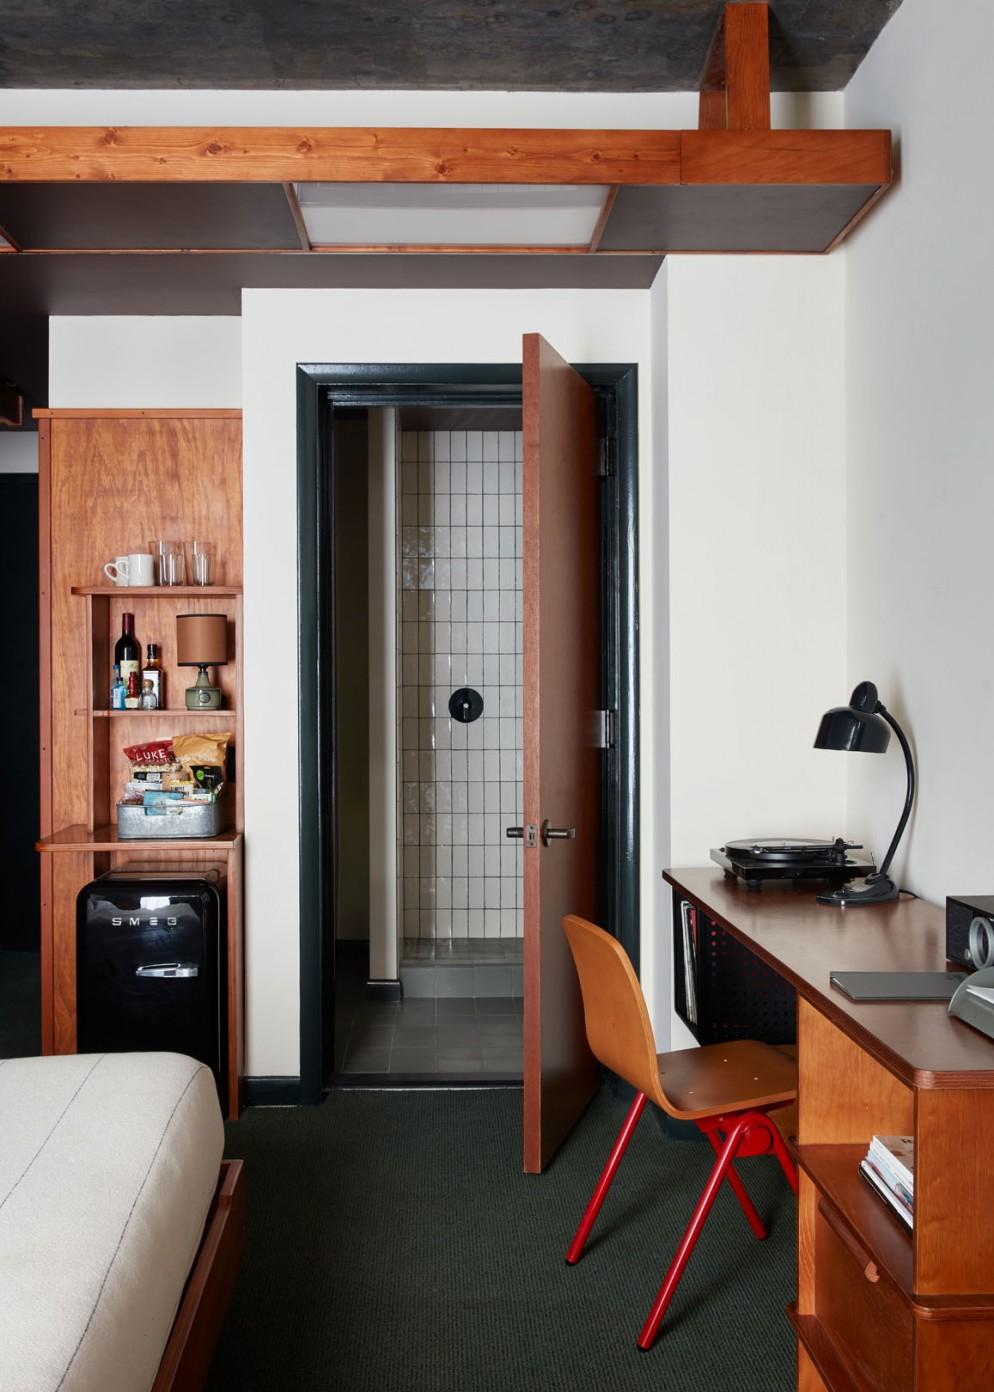 ace-hotel-brooklyn-04